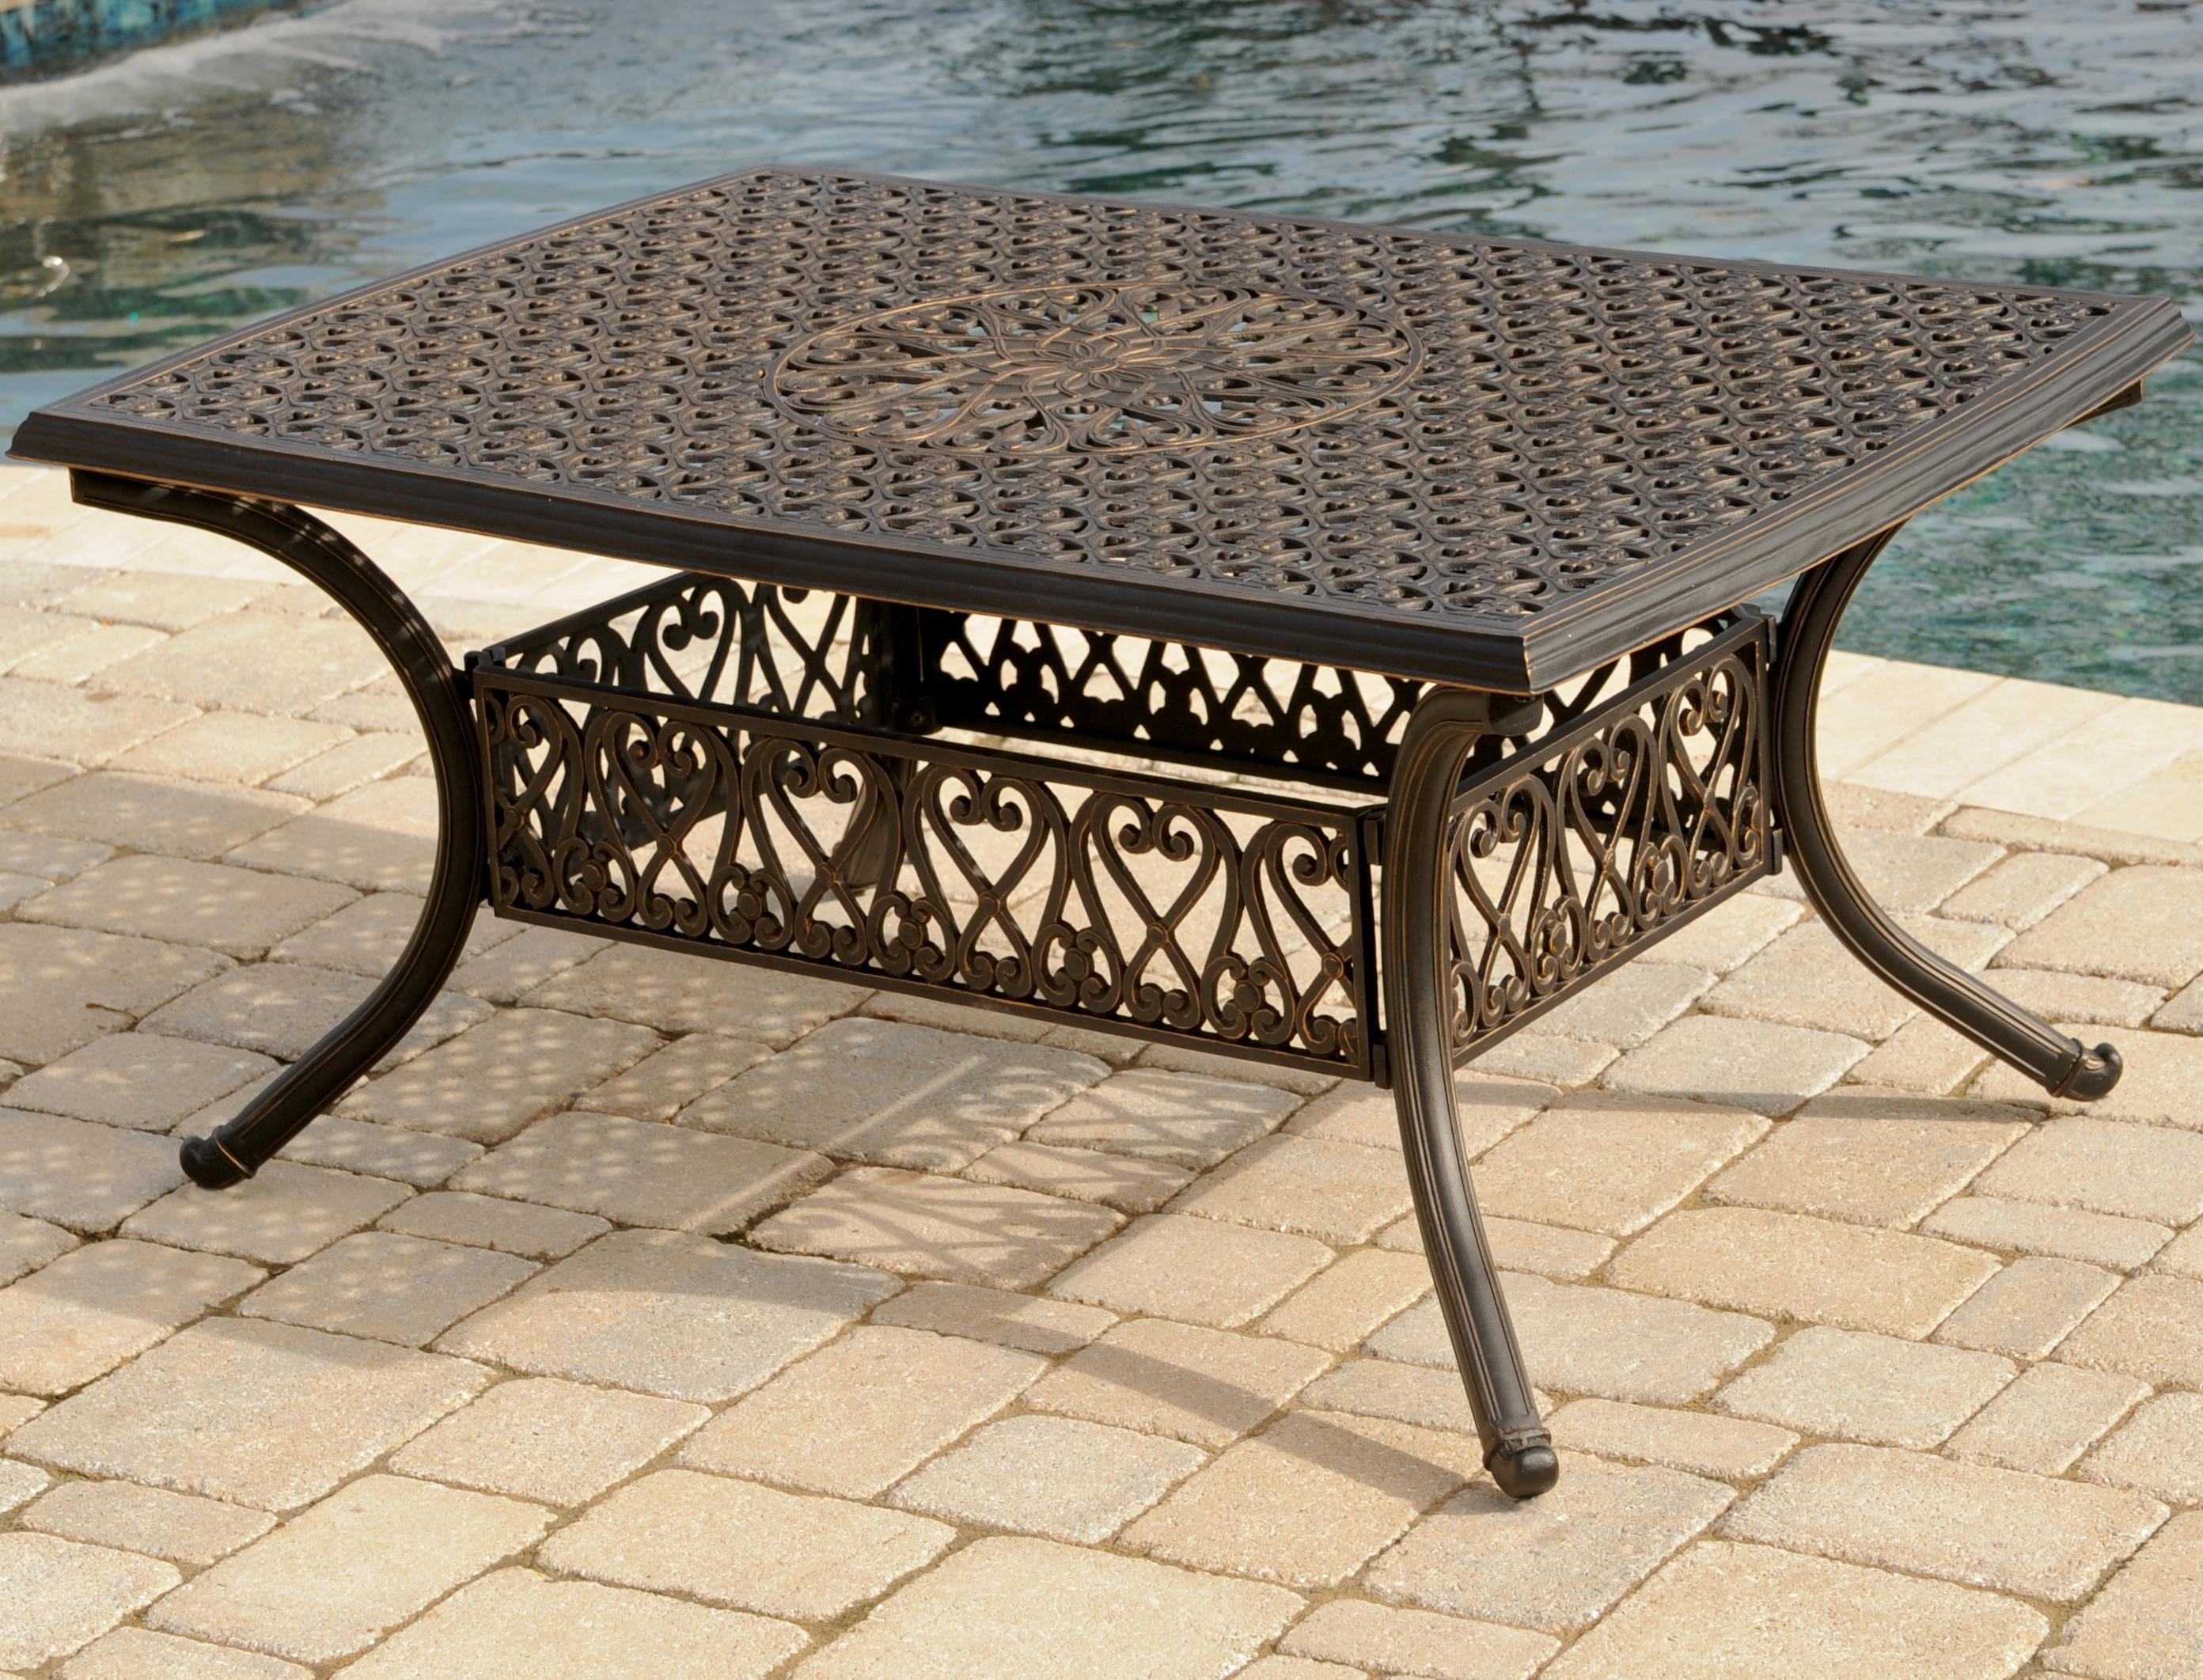 Agio Amalfi Outdoor Alumicast Coffee Table With Ornate Casted Rail